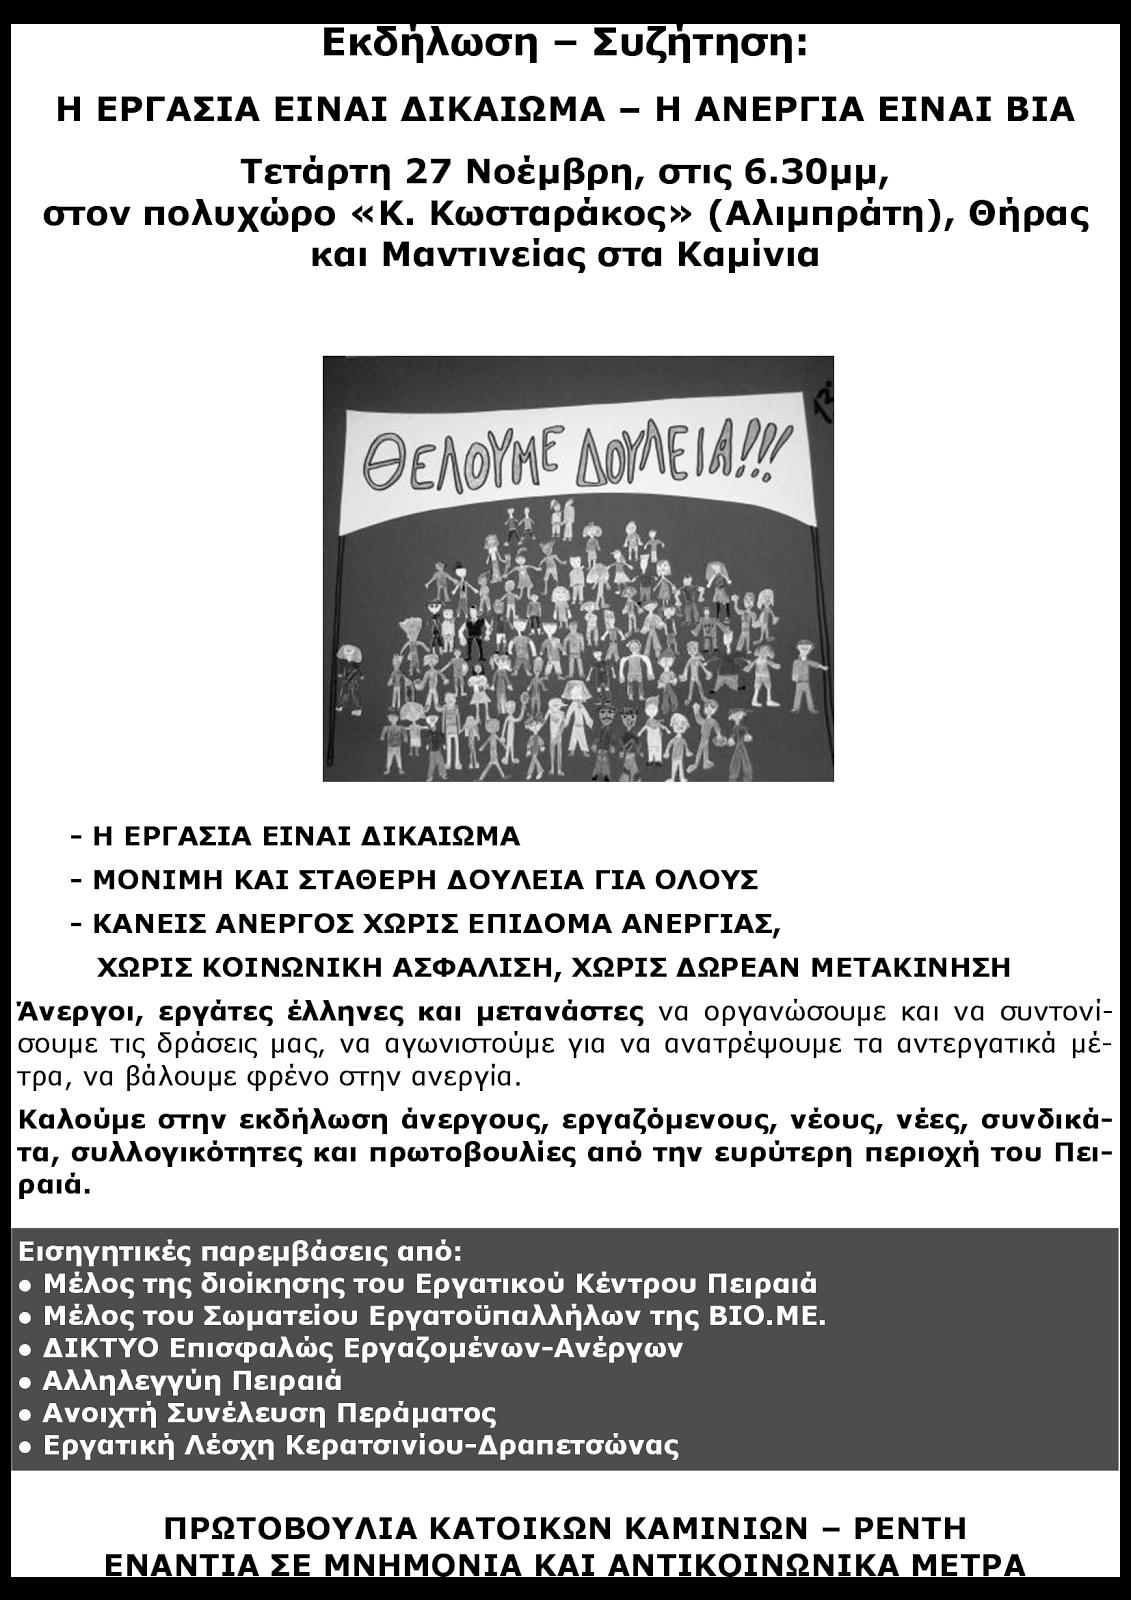 """εκδήλωση-συζήτηση:""""Η εργασία είναι δικαίωμα-Η ανεργία είναι βία"""""""